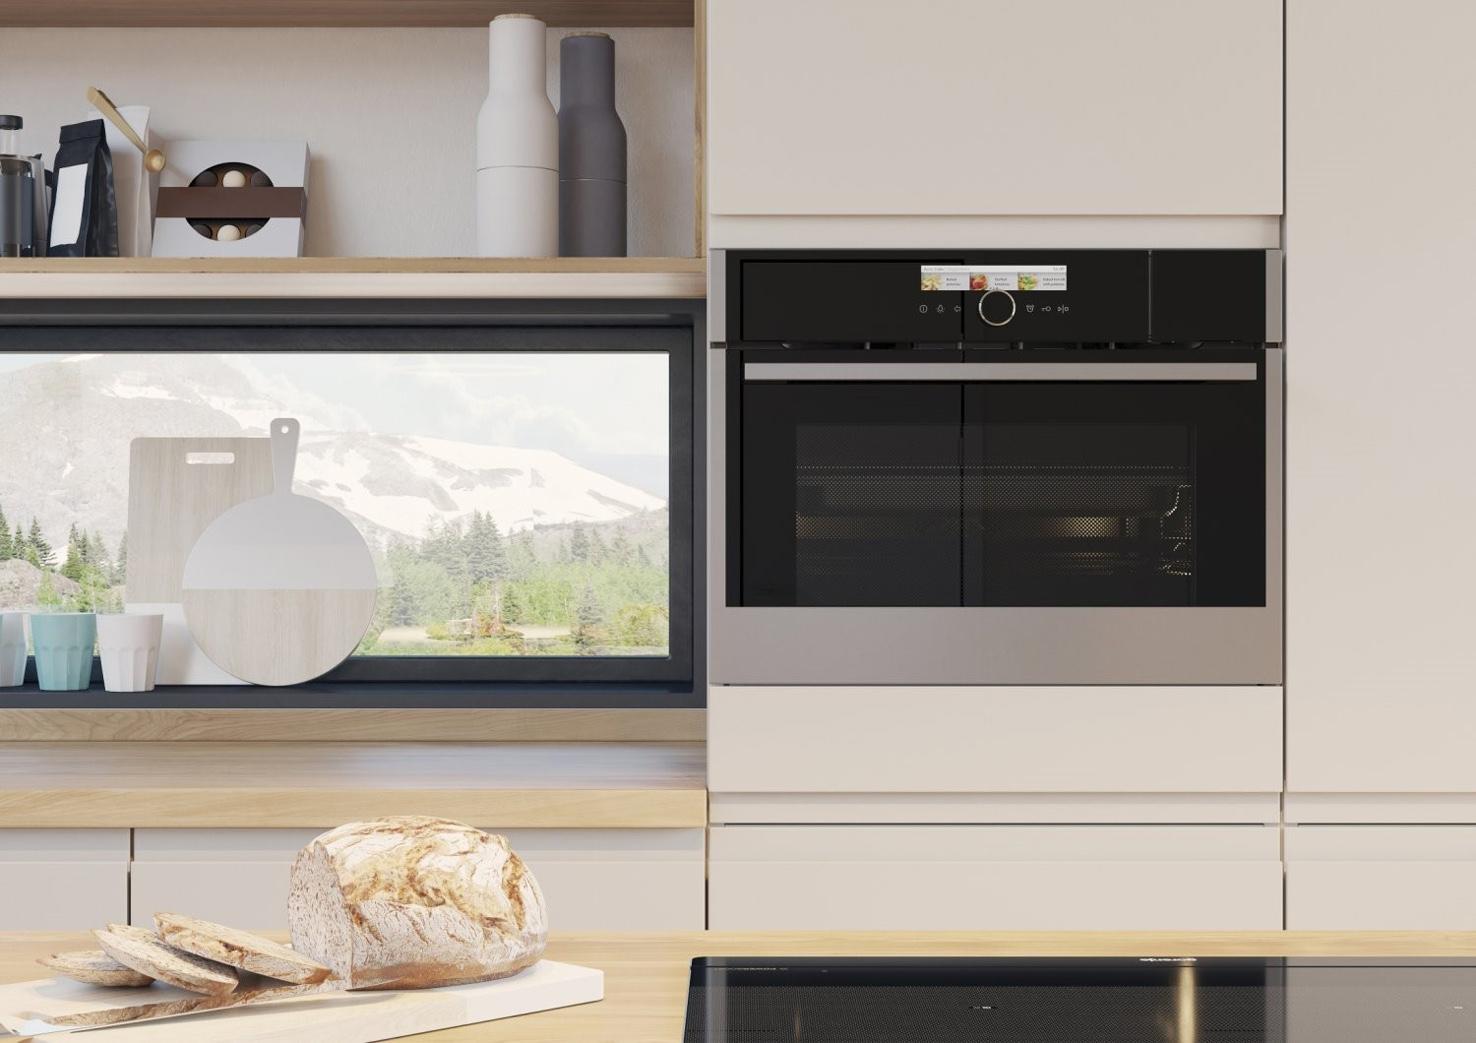 AMK-PM-2019-Kochen, Backen und Garen mit Assistenzfunktion-4.jpg